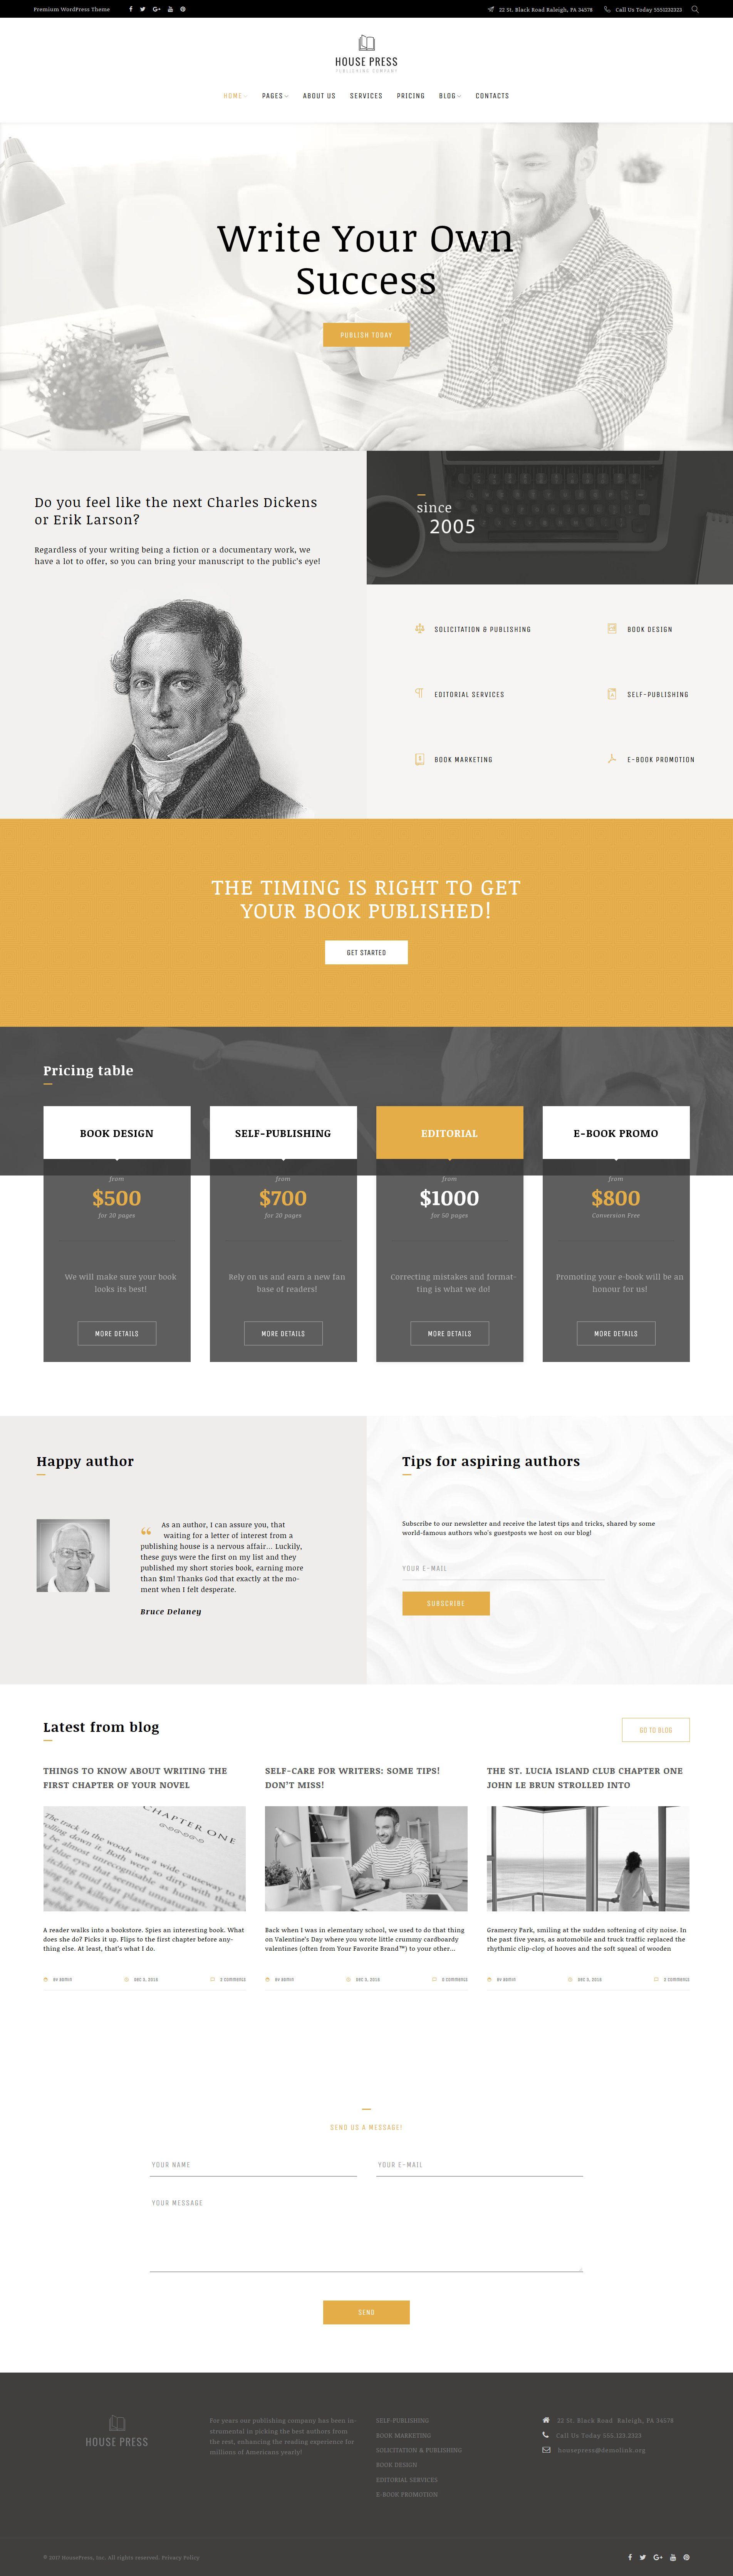 Publishing Company WordPress Theme | WordPress | Pinterest ...